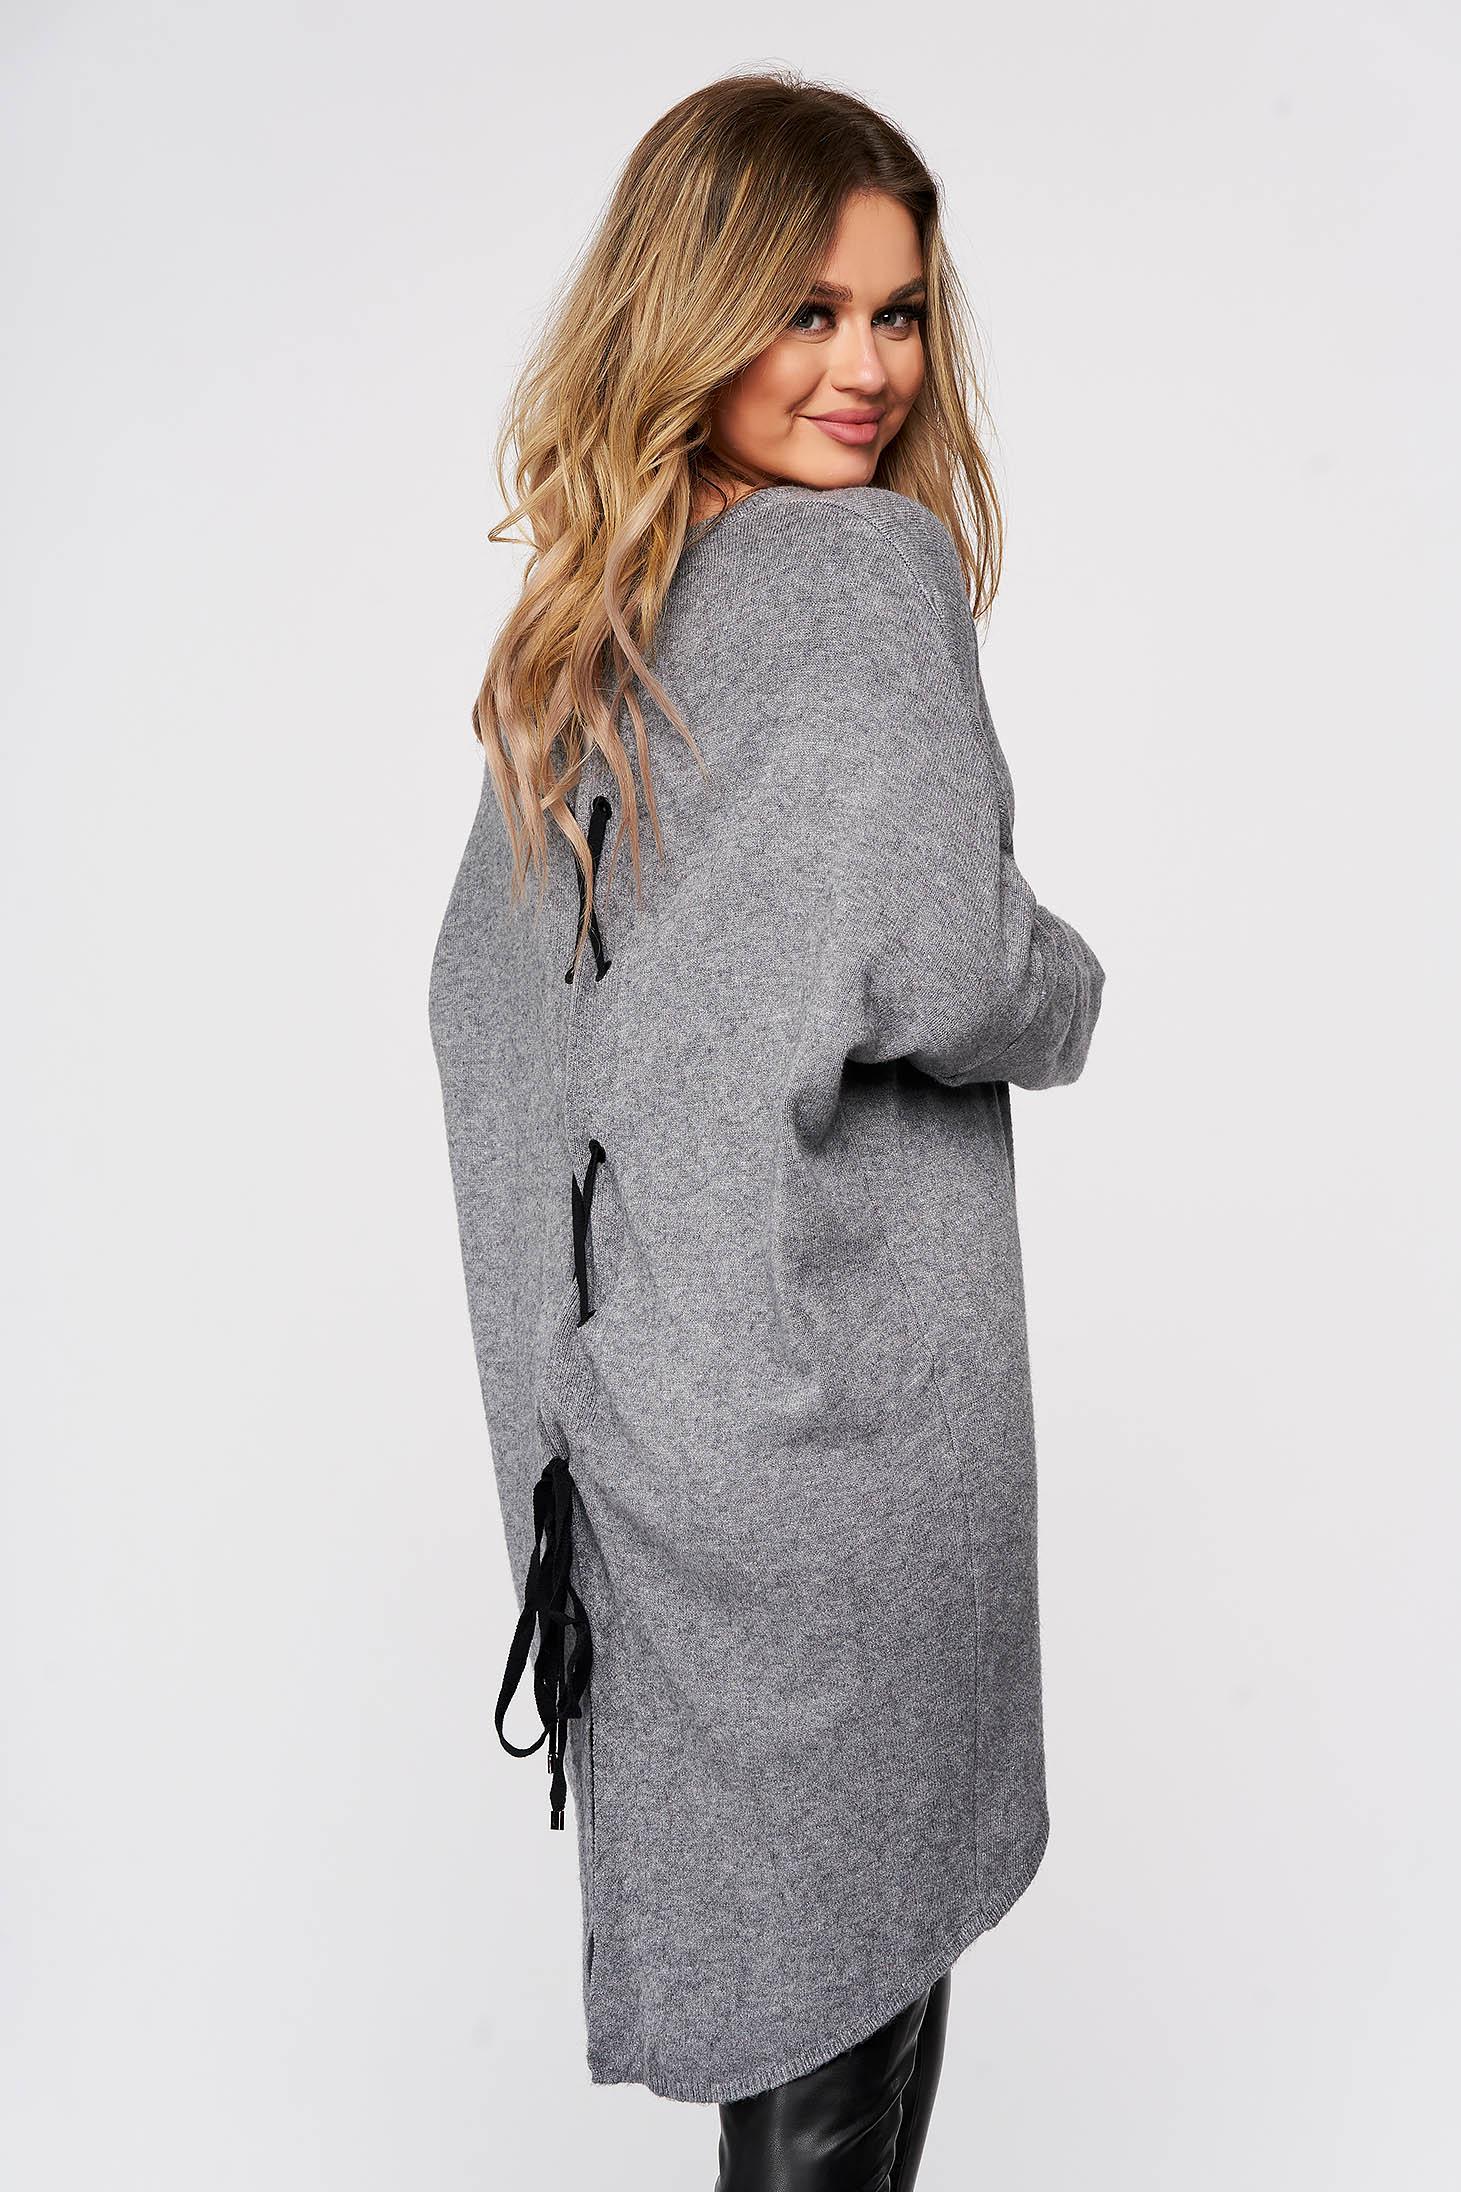 Bluza dama SunShine gri tricotata din material elastic si fin cu croi larg cu snur si slit la spate